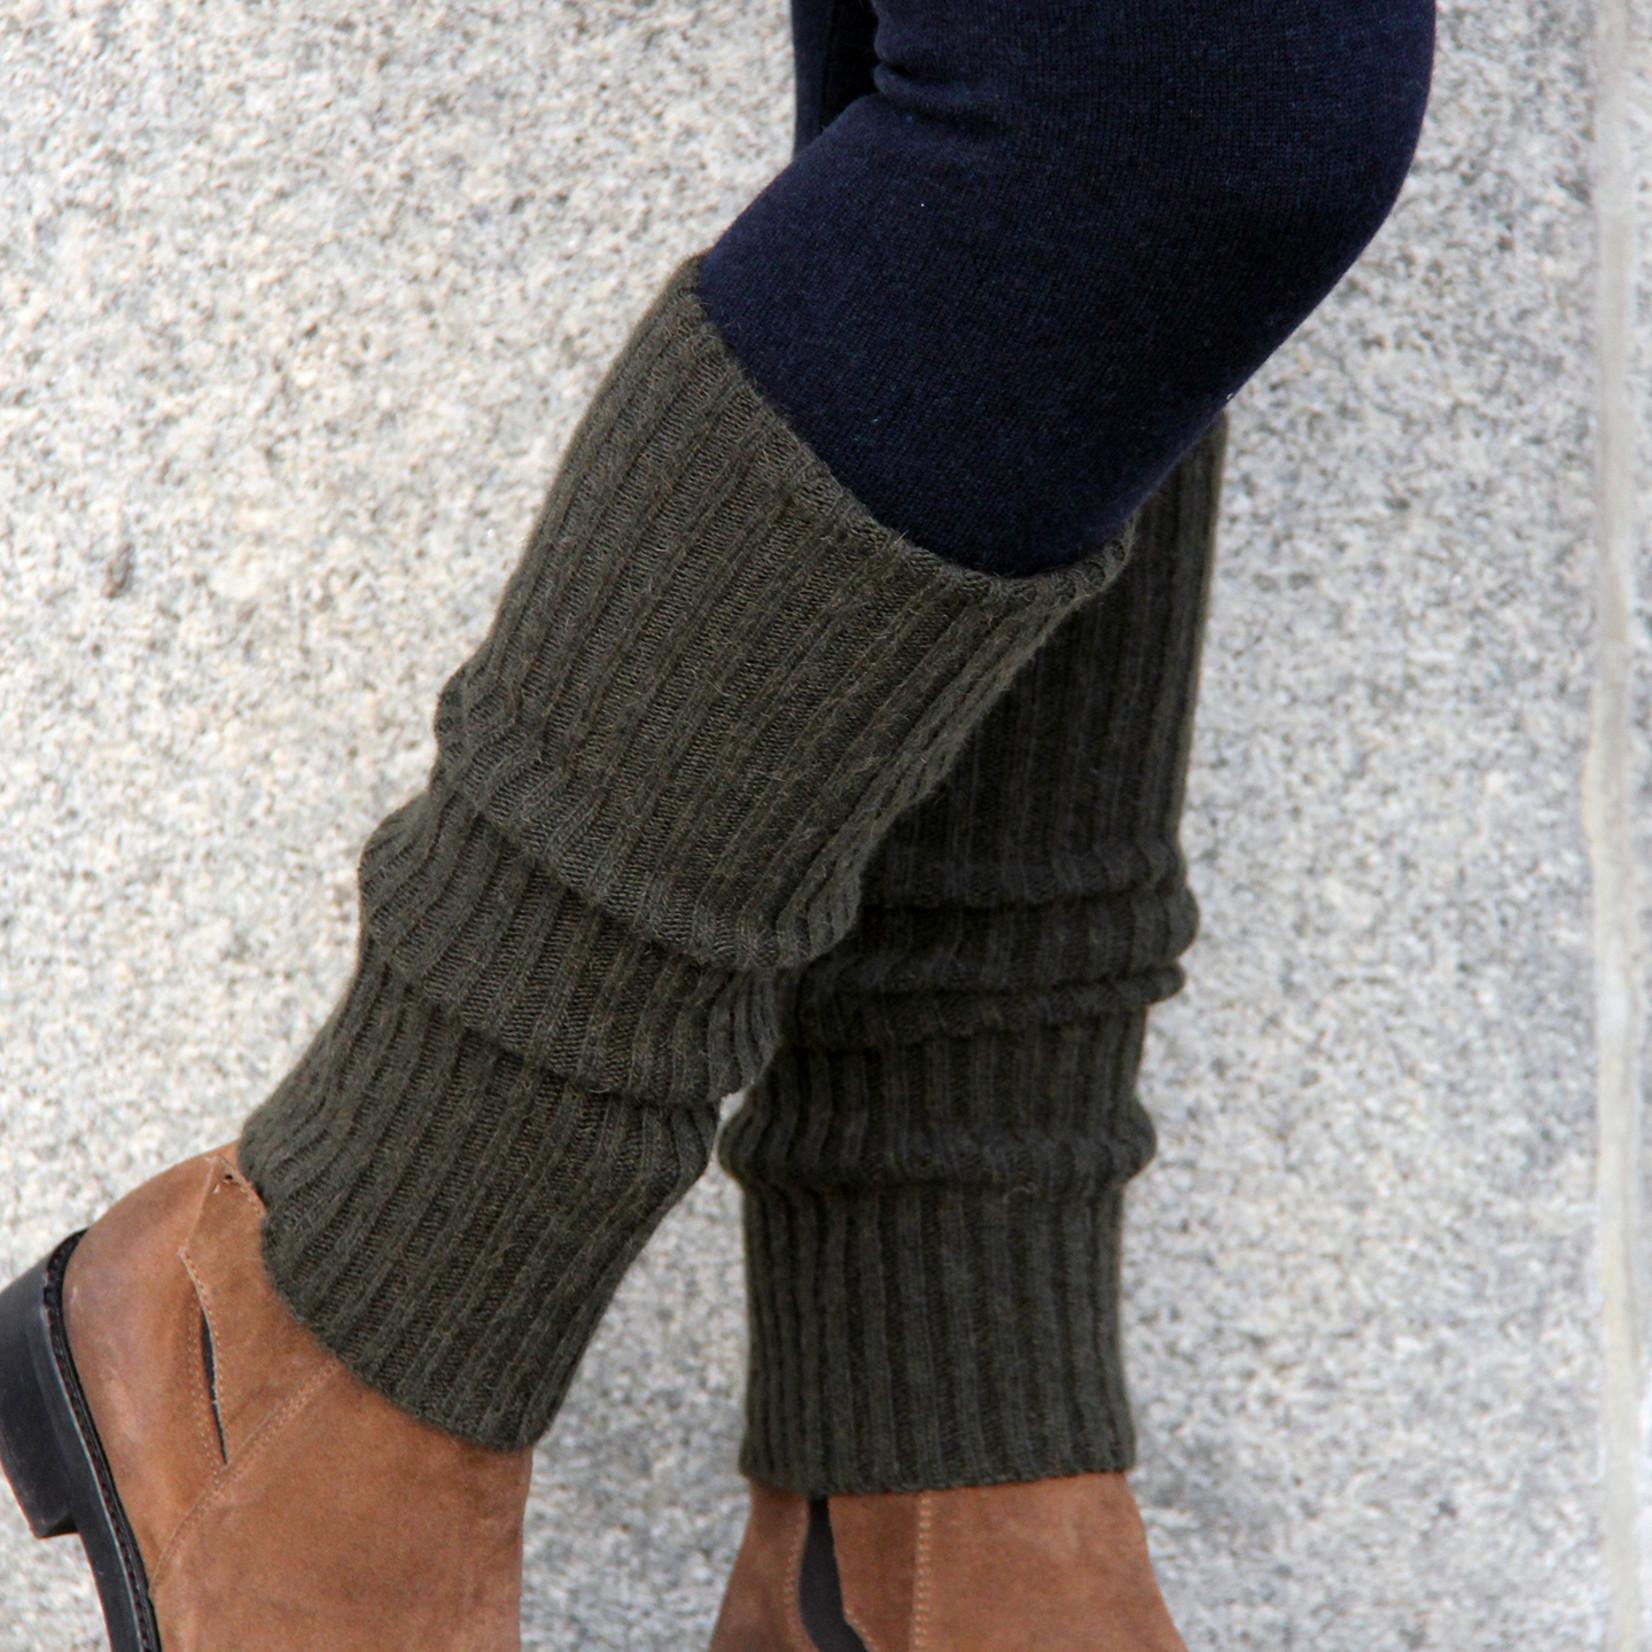 Enhe - Beinstulpen aus Yakwolle - 20 cm